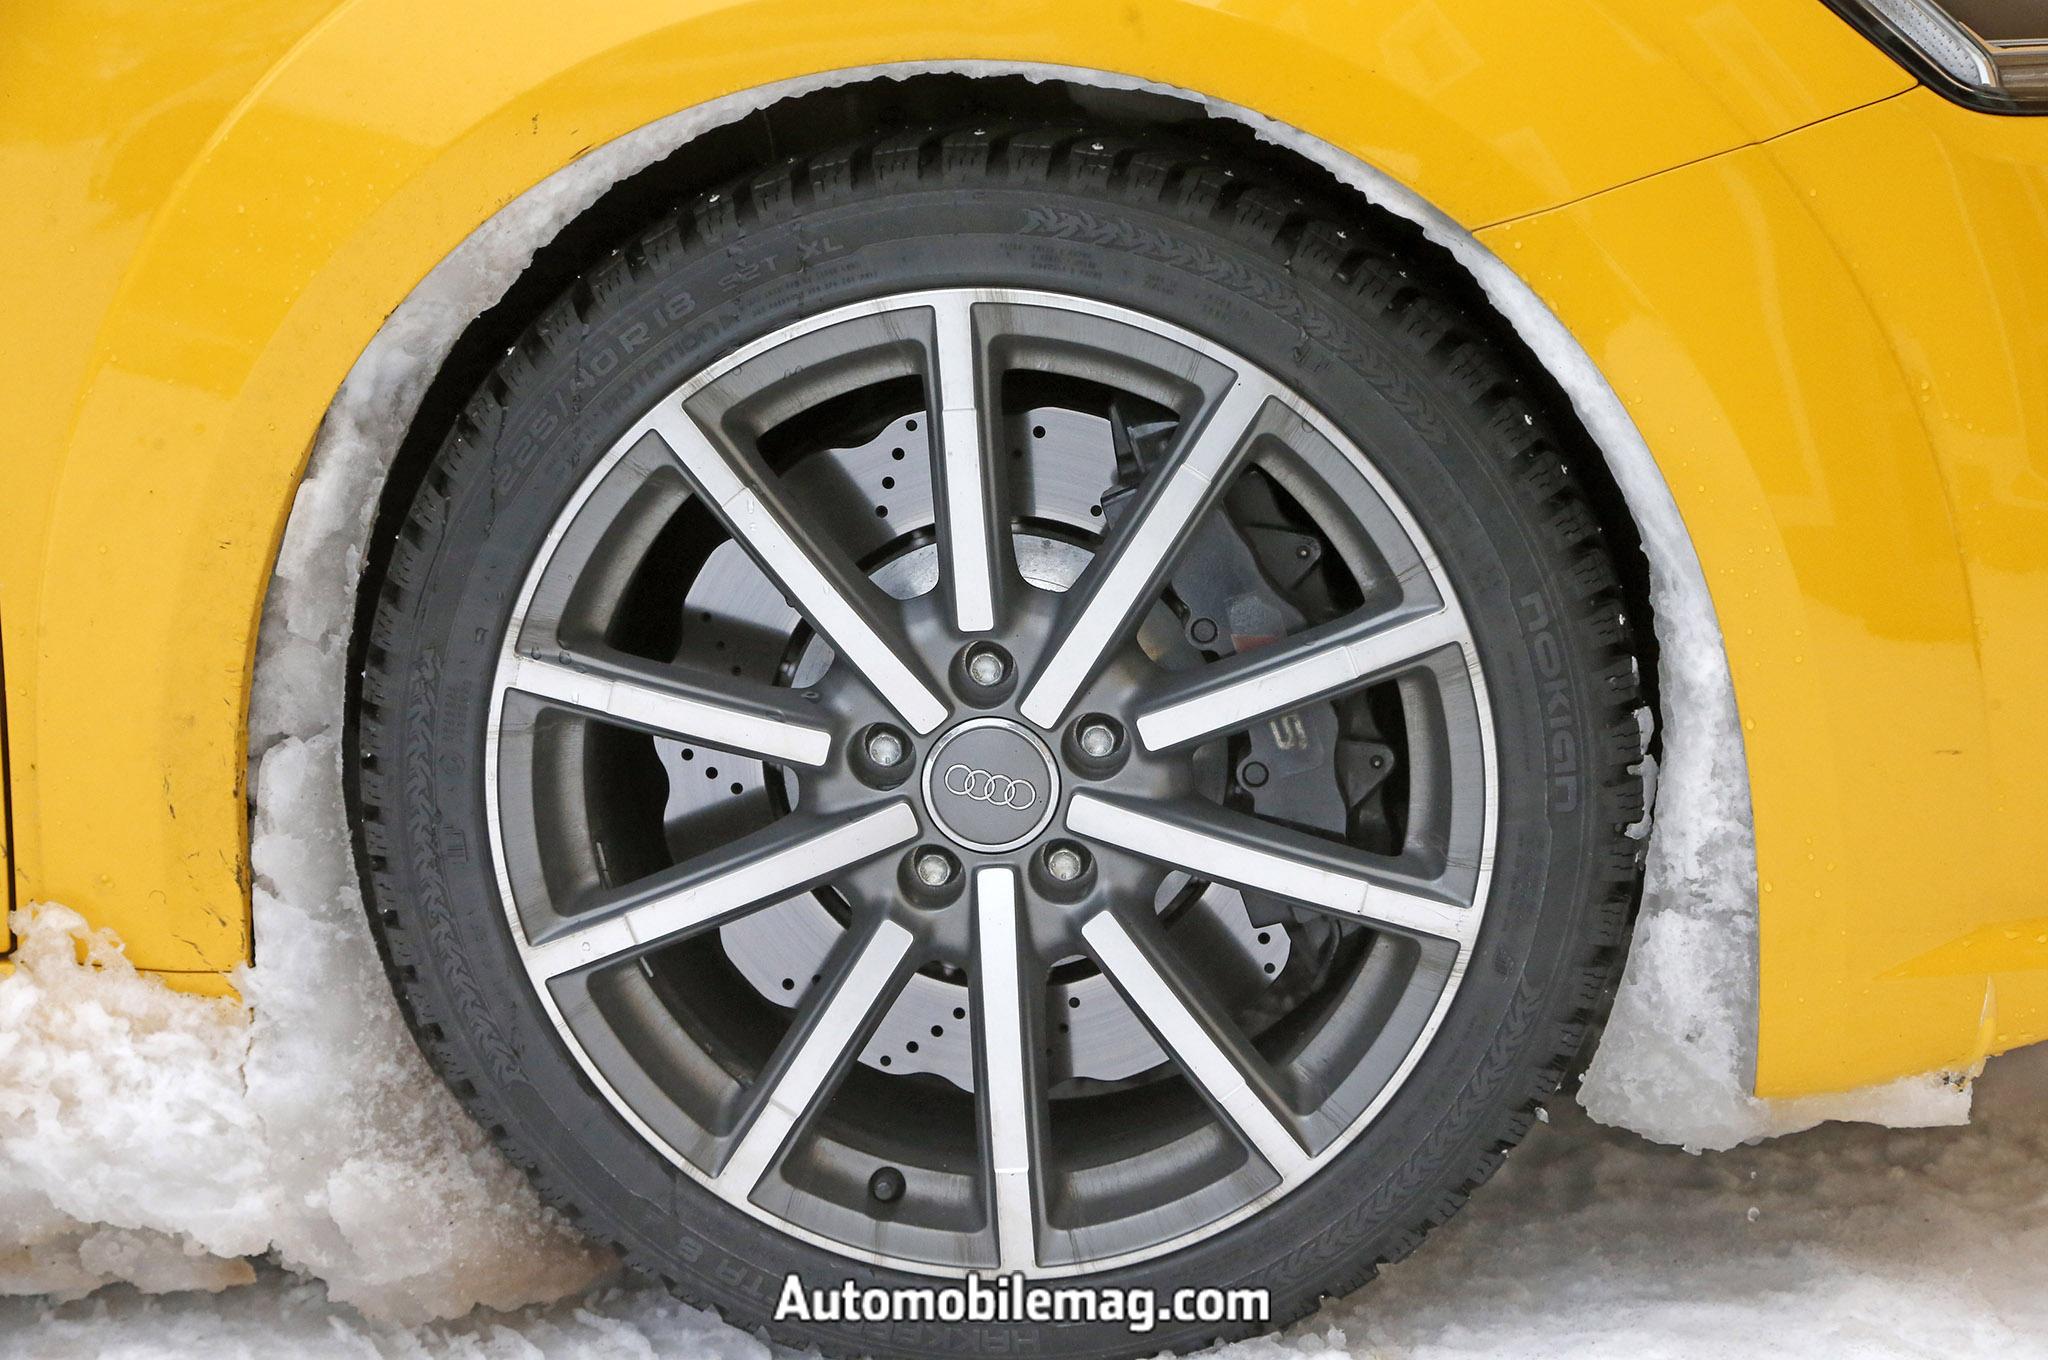 Audi TT RS spyshot wheel